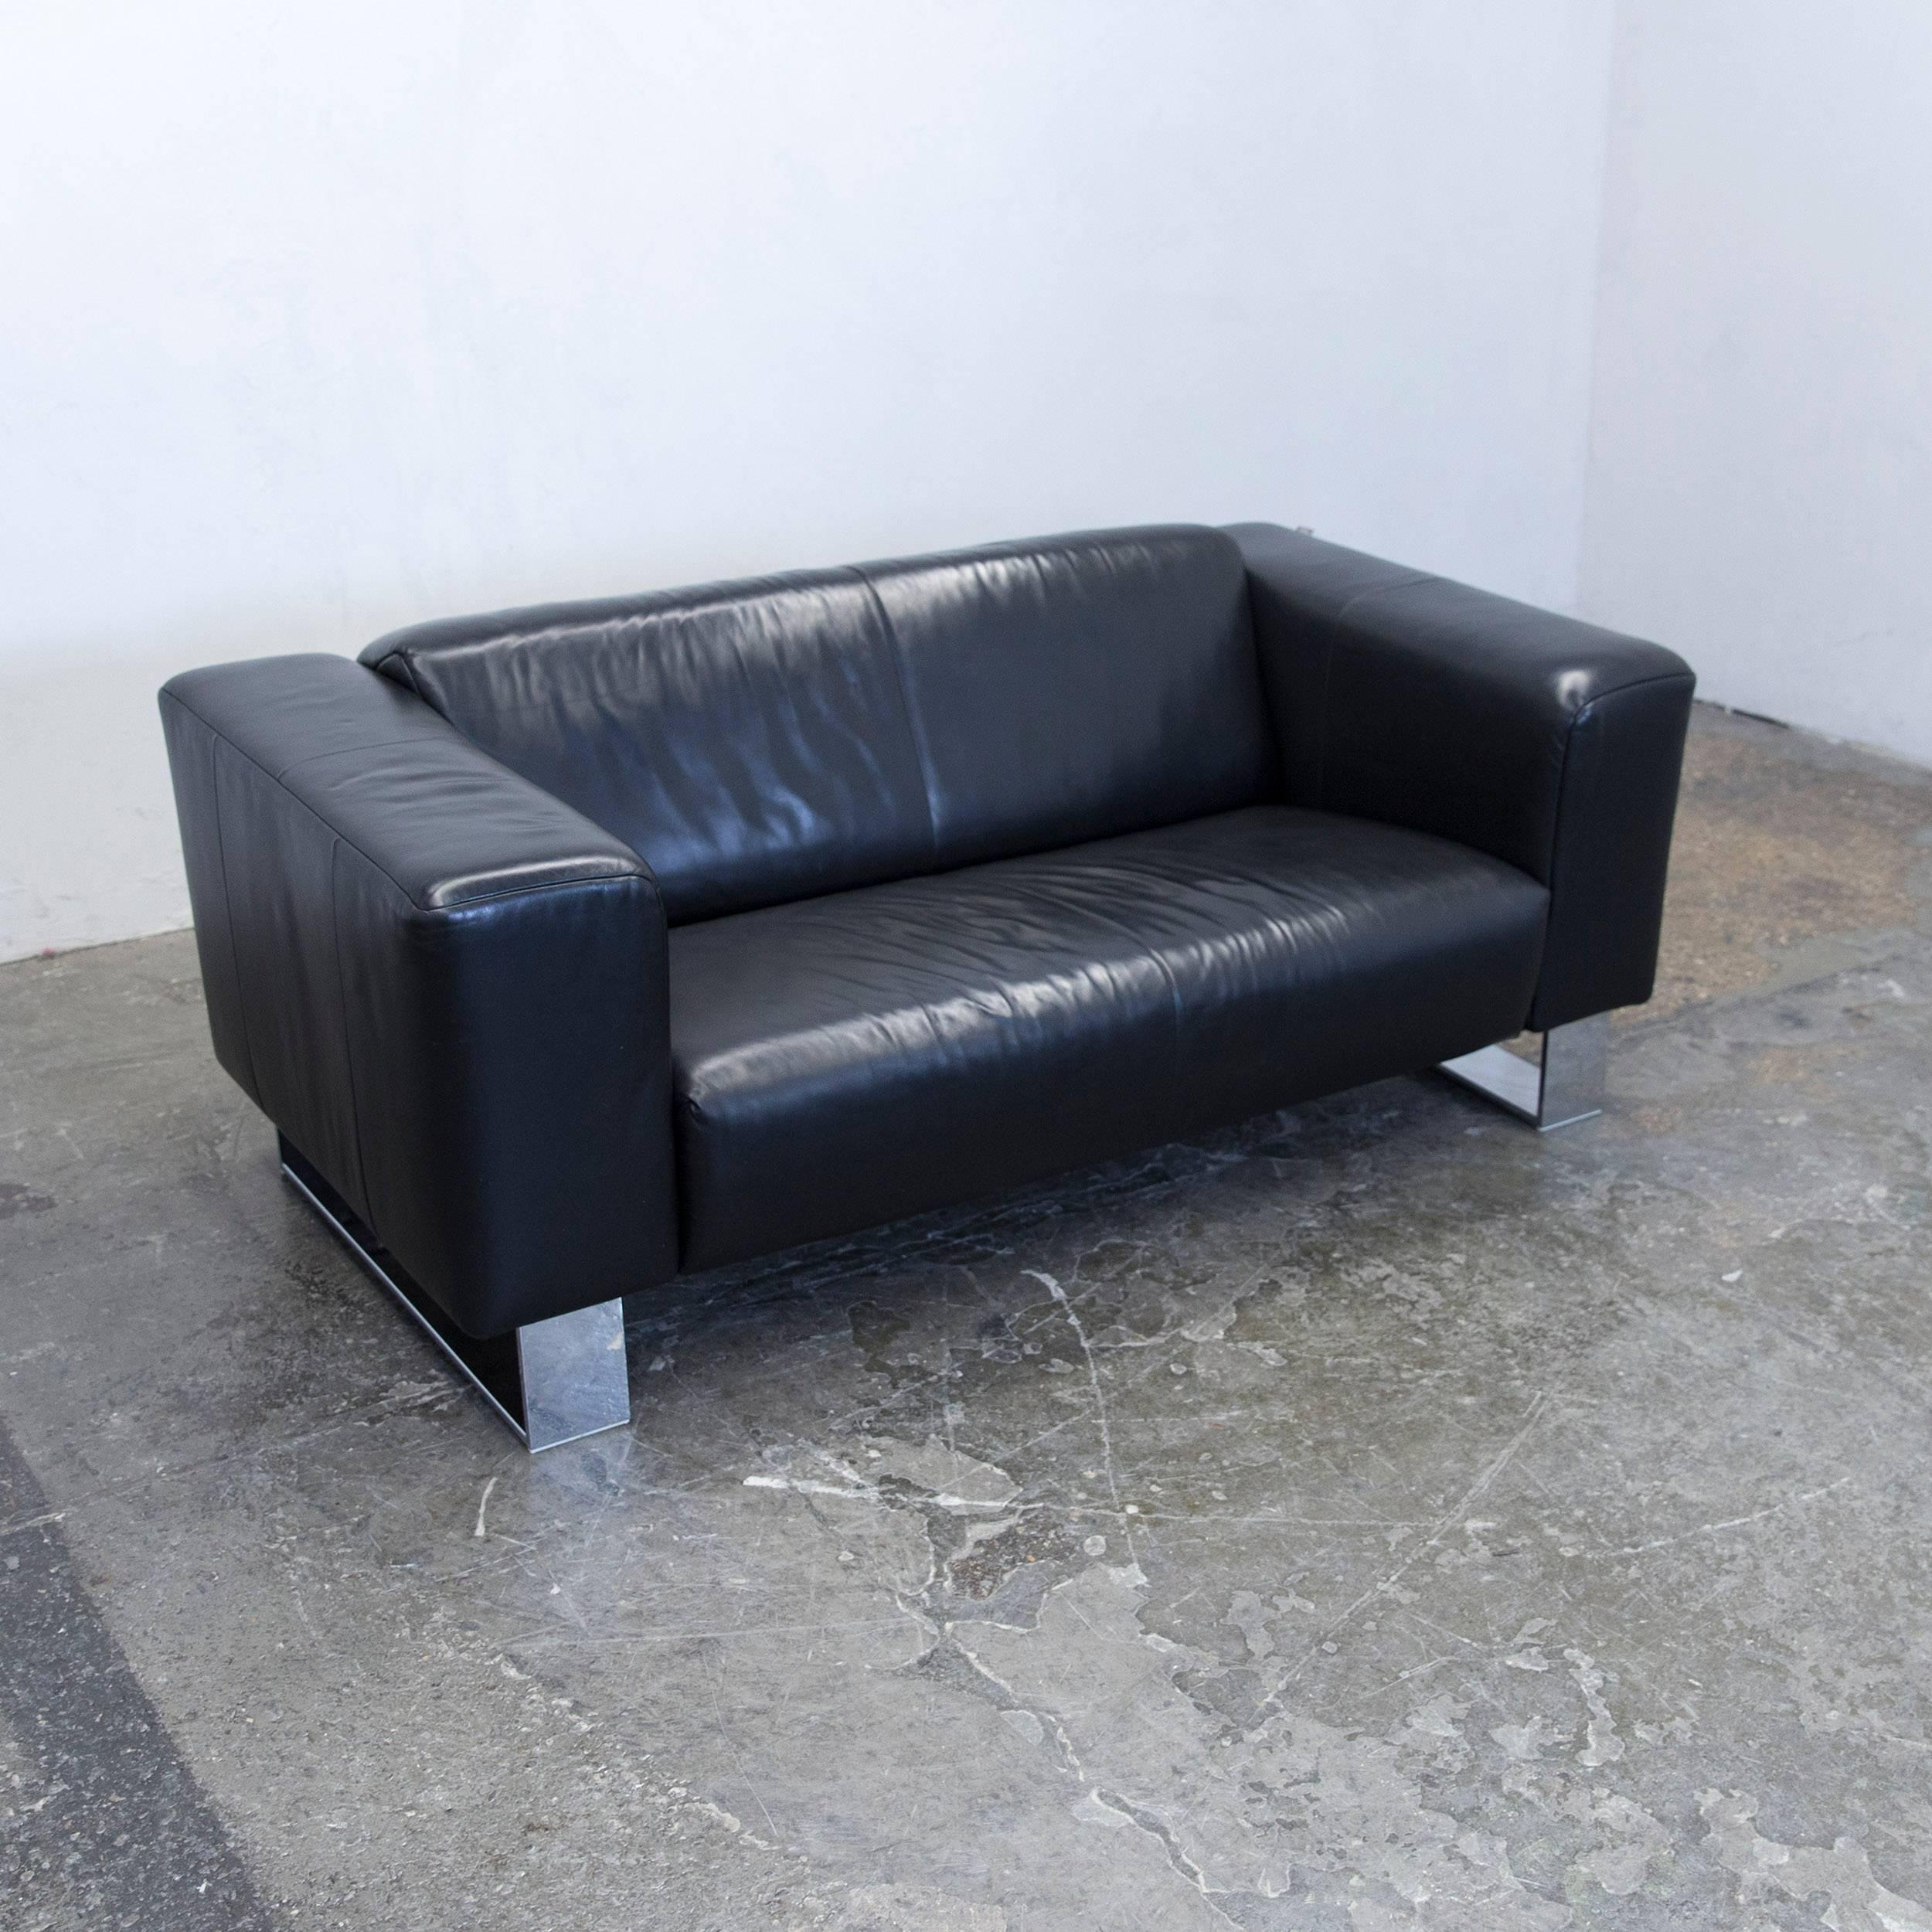 Beeindruckend Sofa Benz Dekoration Von Rolf Bmp Designer Leather Black Two-seat Couch